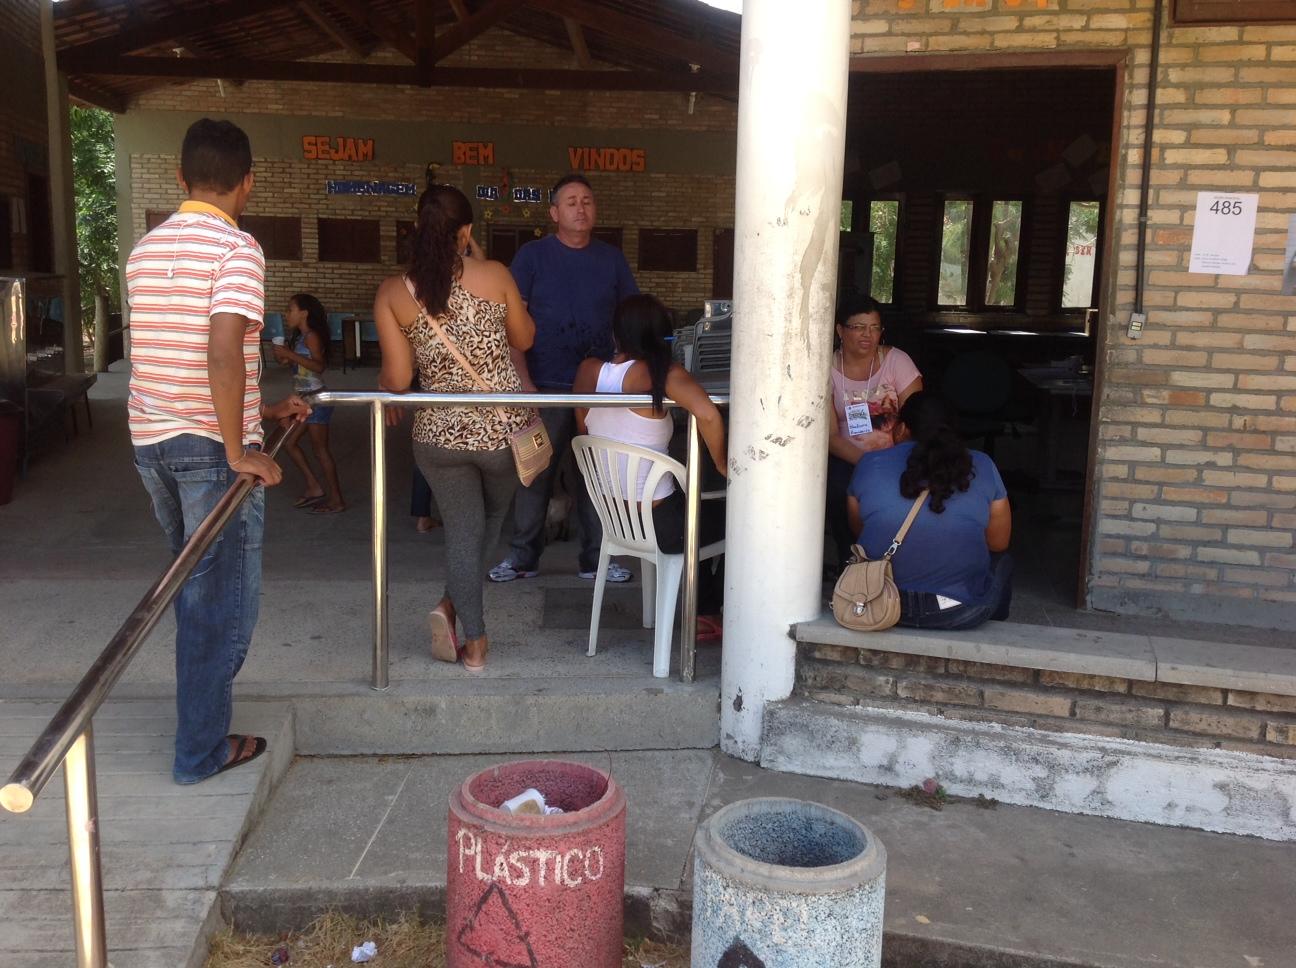 O colégio indígena recebe poucos eleitores durante o turno da manhã (FOTO: Lucas Catrib)